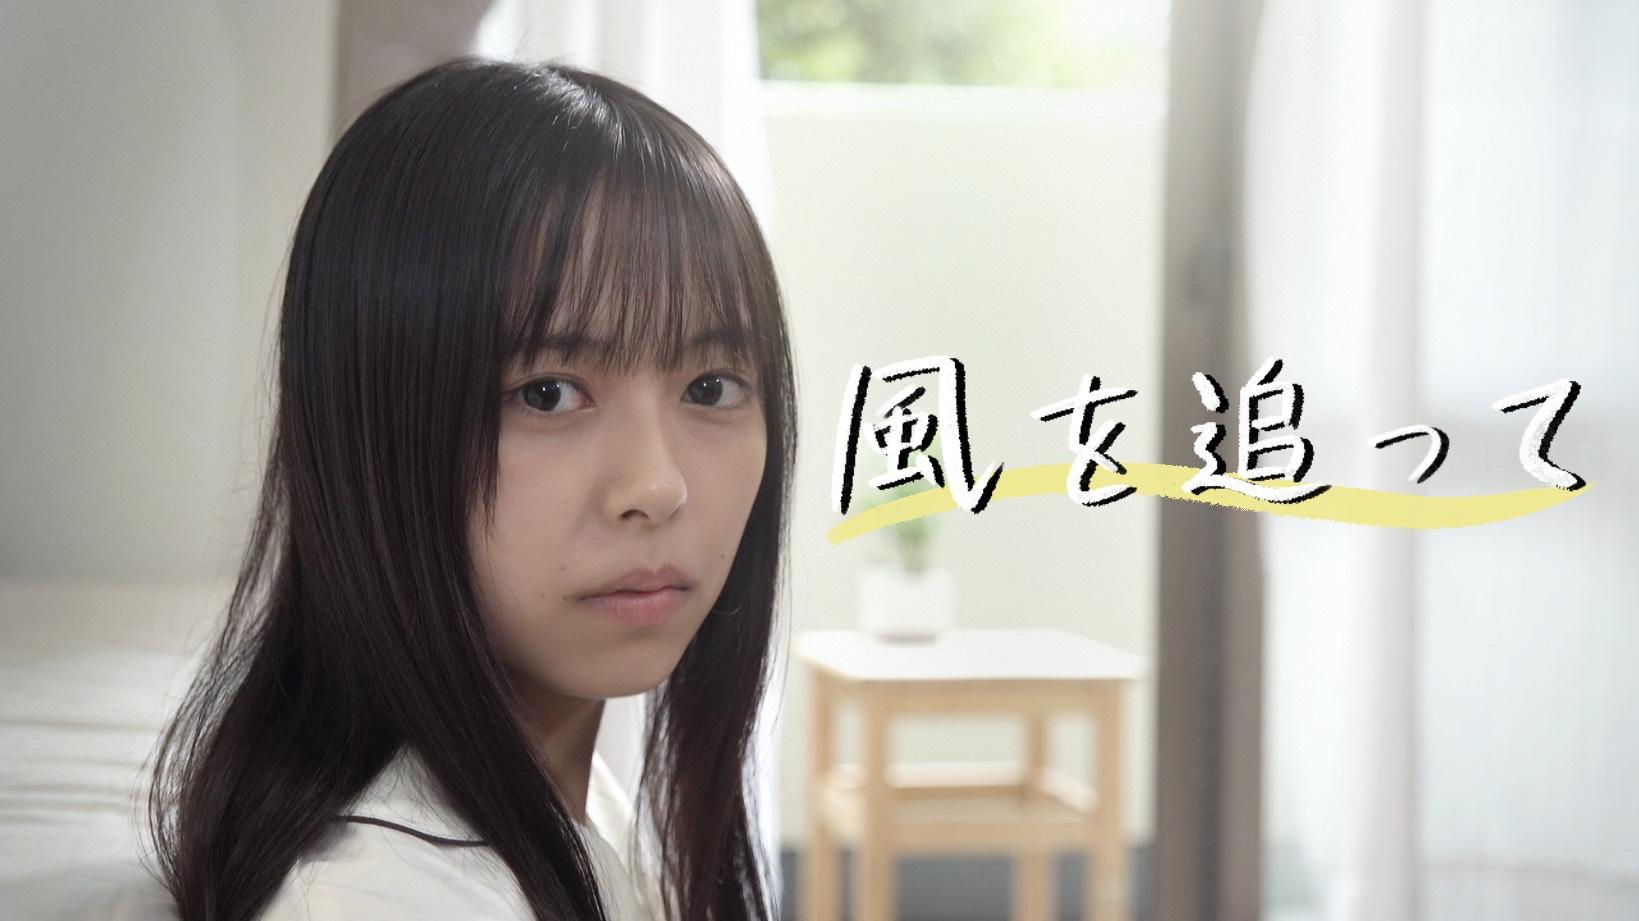 suppon制作参加!音楽ユニット「ふたりごと」の新曲「風を追って」MV公開